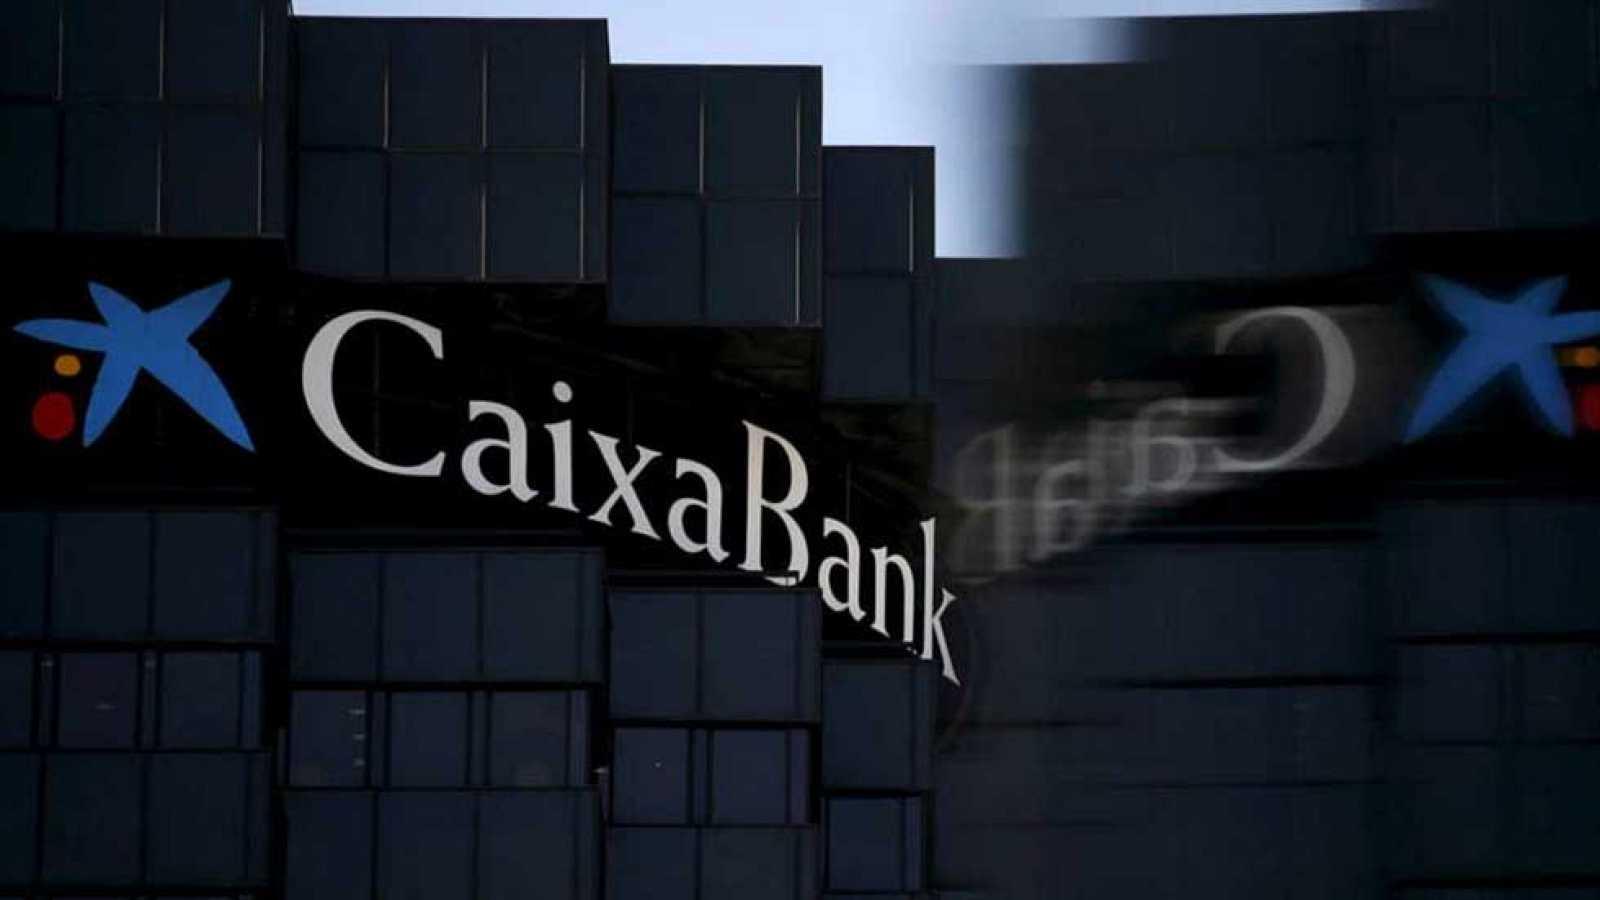 La banca apura el plazo del gobierno para atender desde for Clausula suelo plazo para reclamar